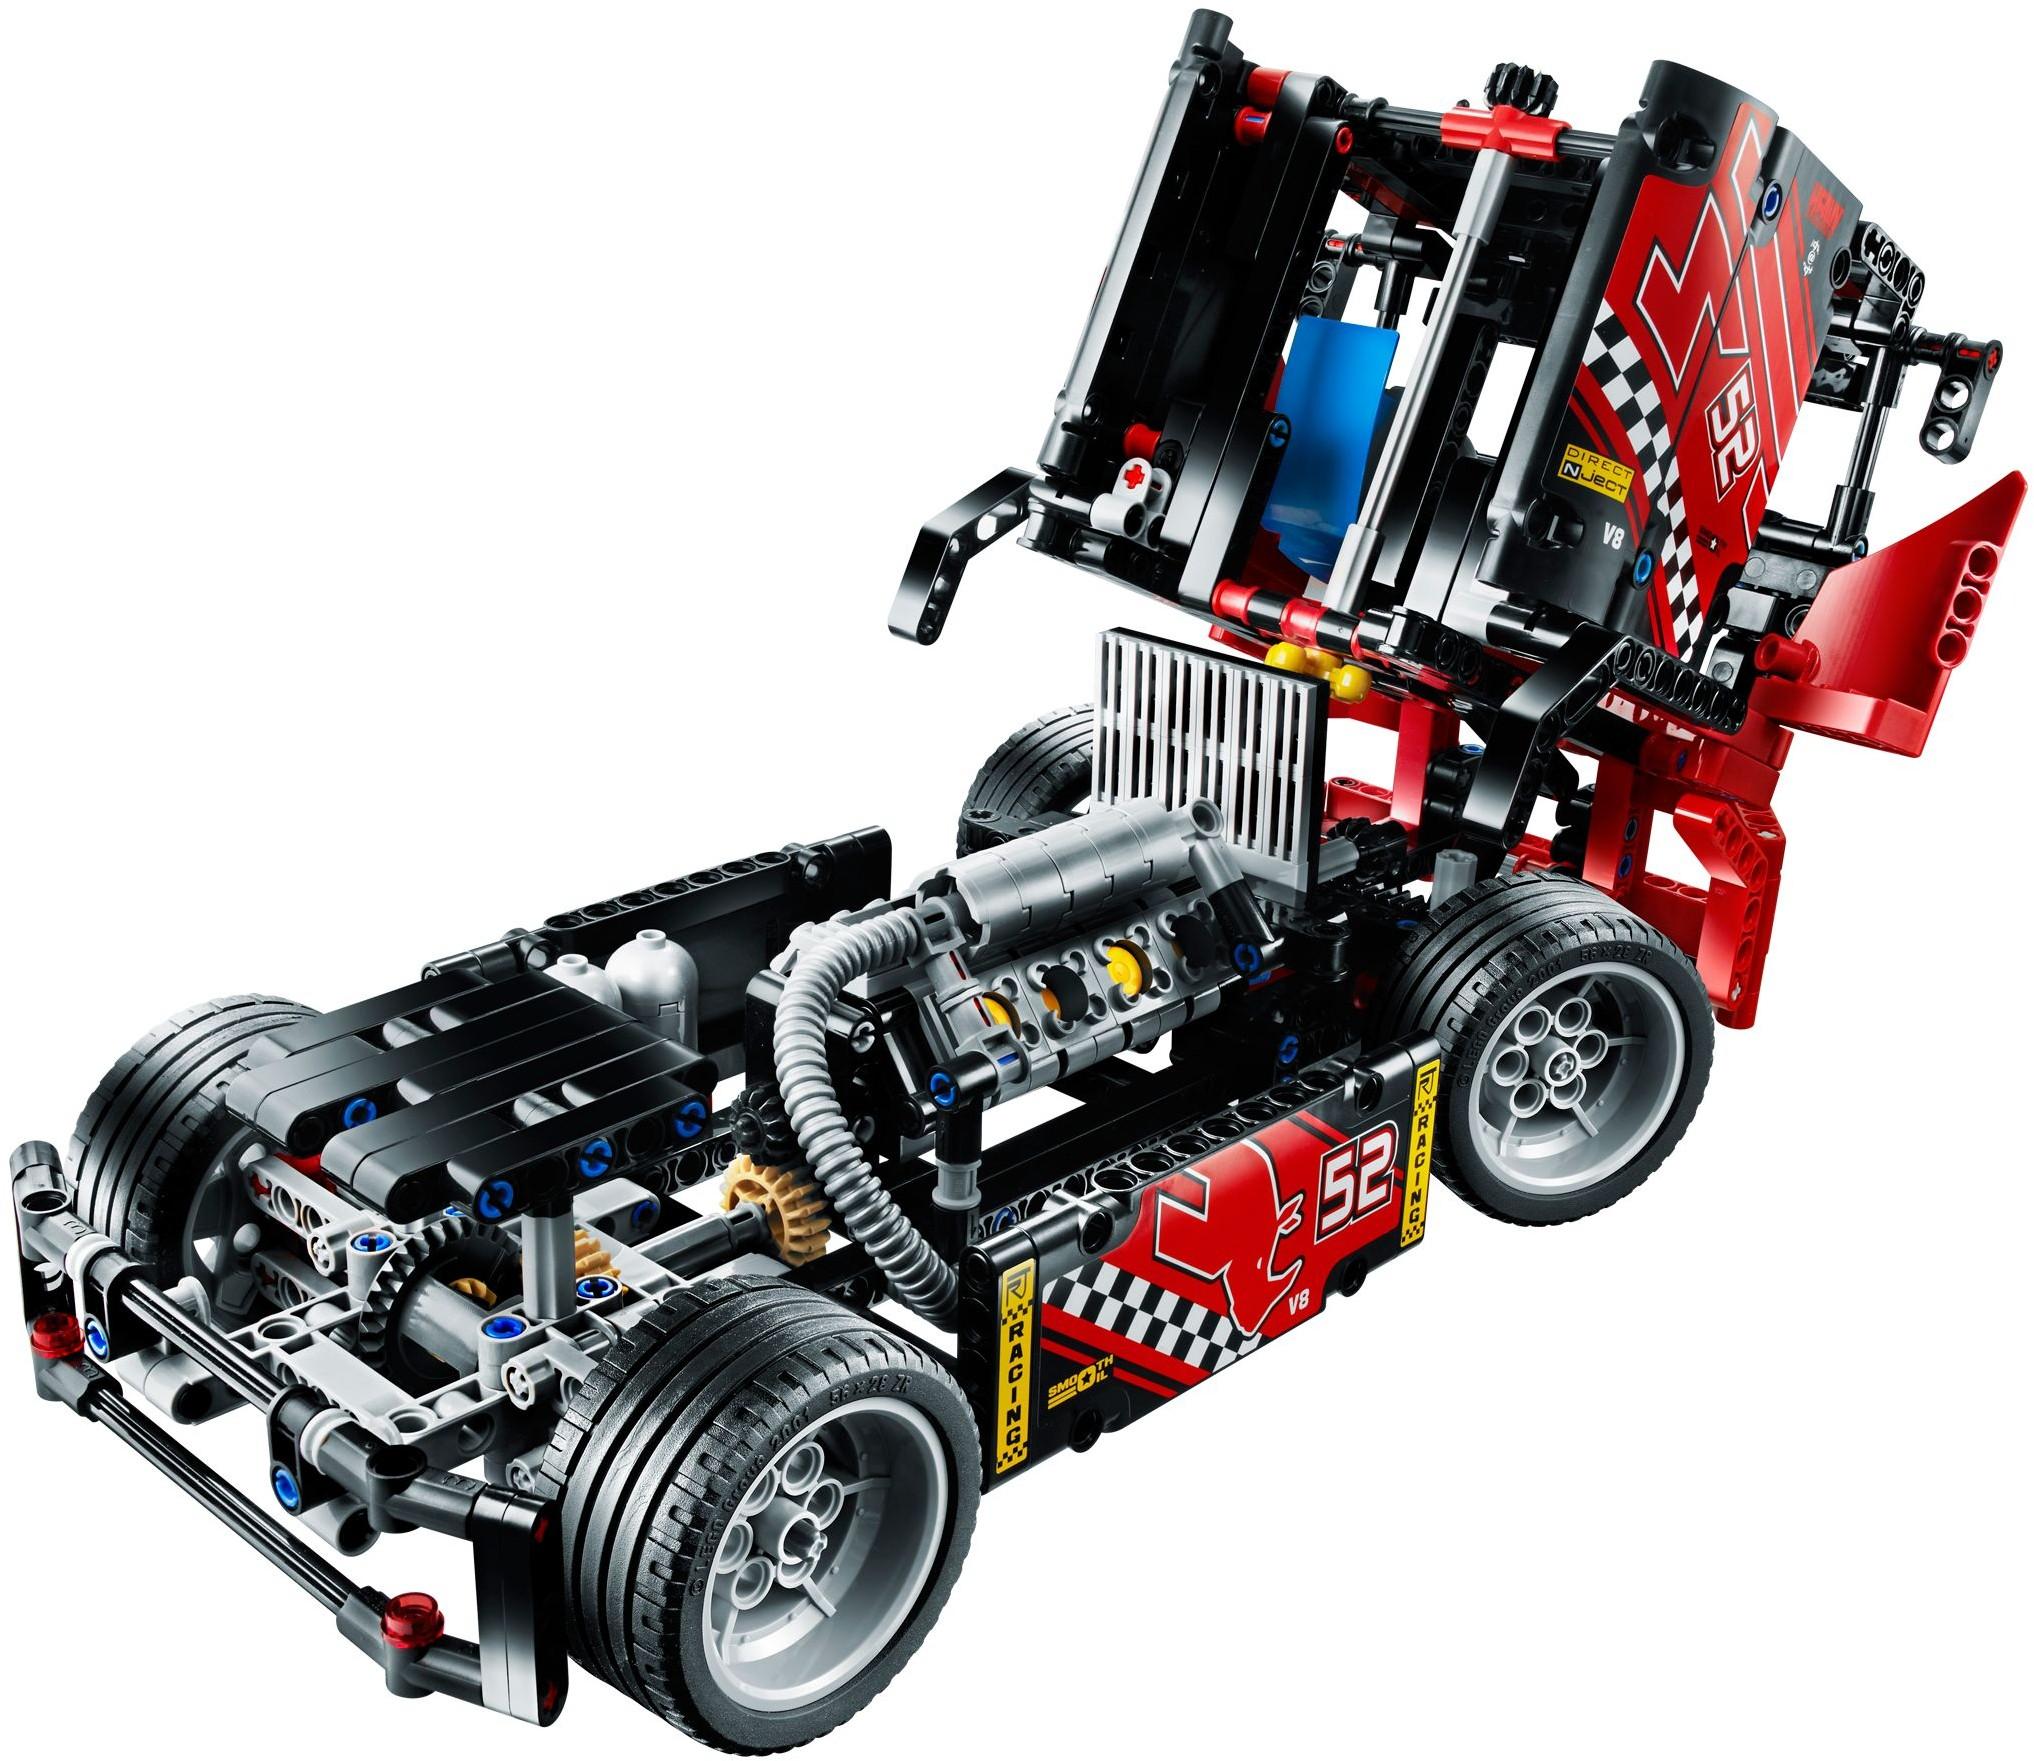 lego 42041 race truck. Black Bedroom Furniture Sets. Home Design Ideas